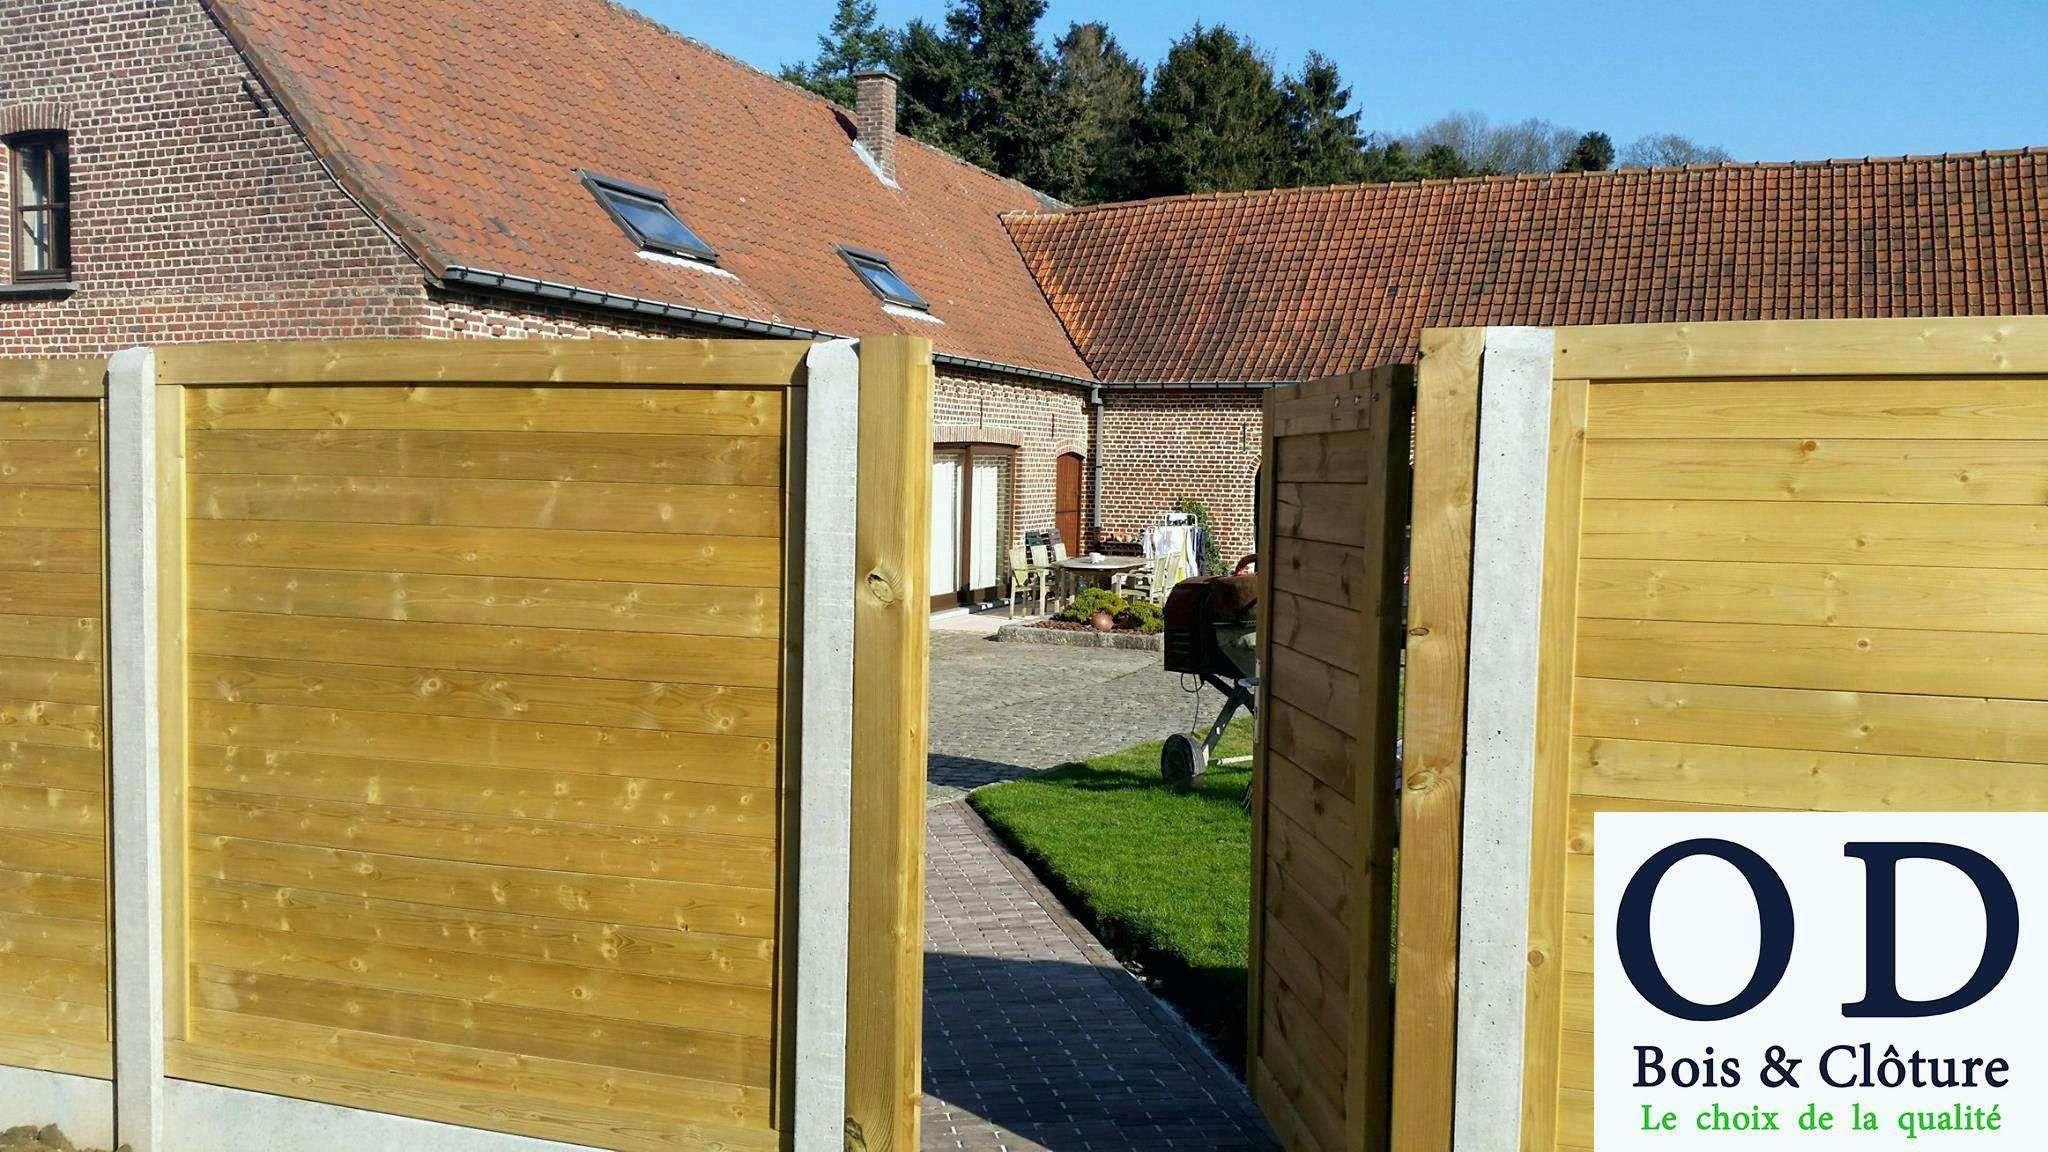 Salon De Jardin Posite Abri De Jardin En Posite Beau Salon ... pour Peinture Abri De Jardin